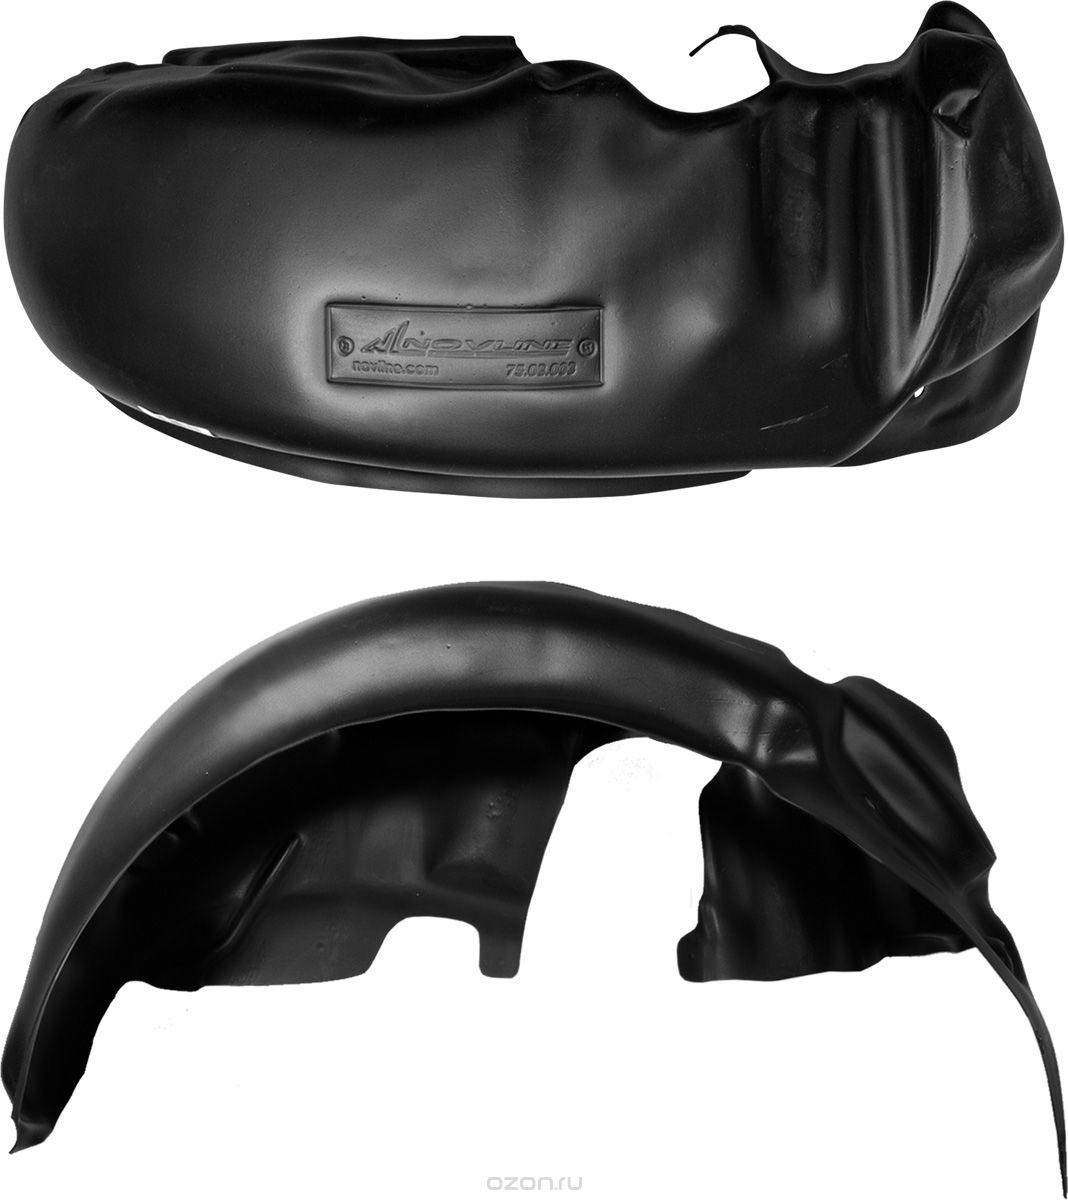 Подкрылок Novline-Autofamily, для Suzuki Vitara, 03/2015->, задний правыйNLL.47.01.004Идеальная защита колесной ниши. Локеры разработаны с применением цифровых технологий, гарантируют максимальную повторяемость поверхности арки. Изделия устанавливаются без нарушения лакокрасочного покрытия автомобиля, каждый подкрылок комплектуется крепежом. Уважаемые клиенты, обращаем ваше внимание, что фотографии на подкрылки универсальные и не отражают реальную форму изделия. При этом само изделие идет точно под размер указанного автомобиля.